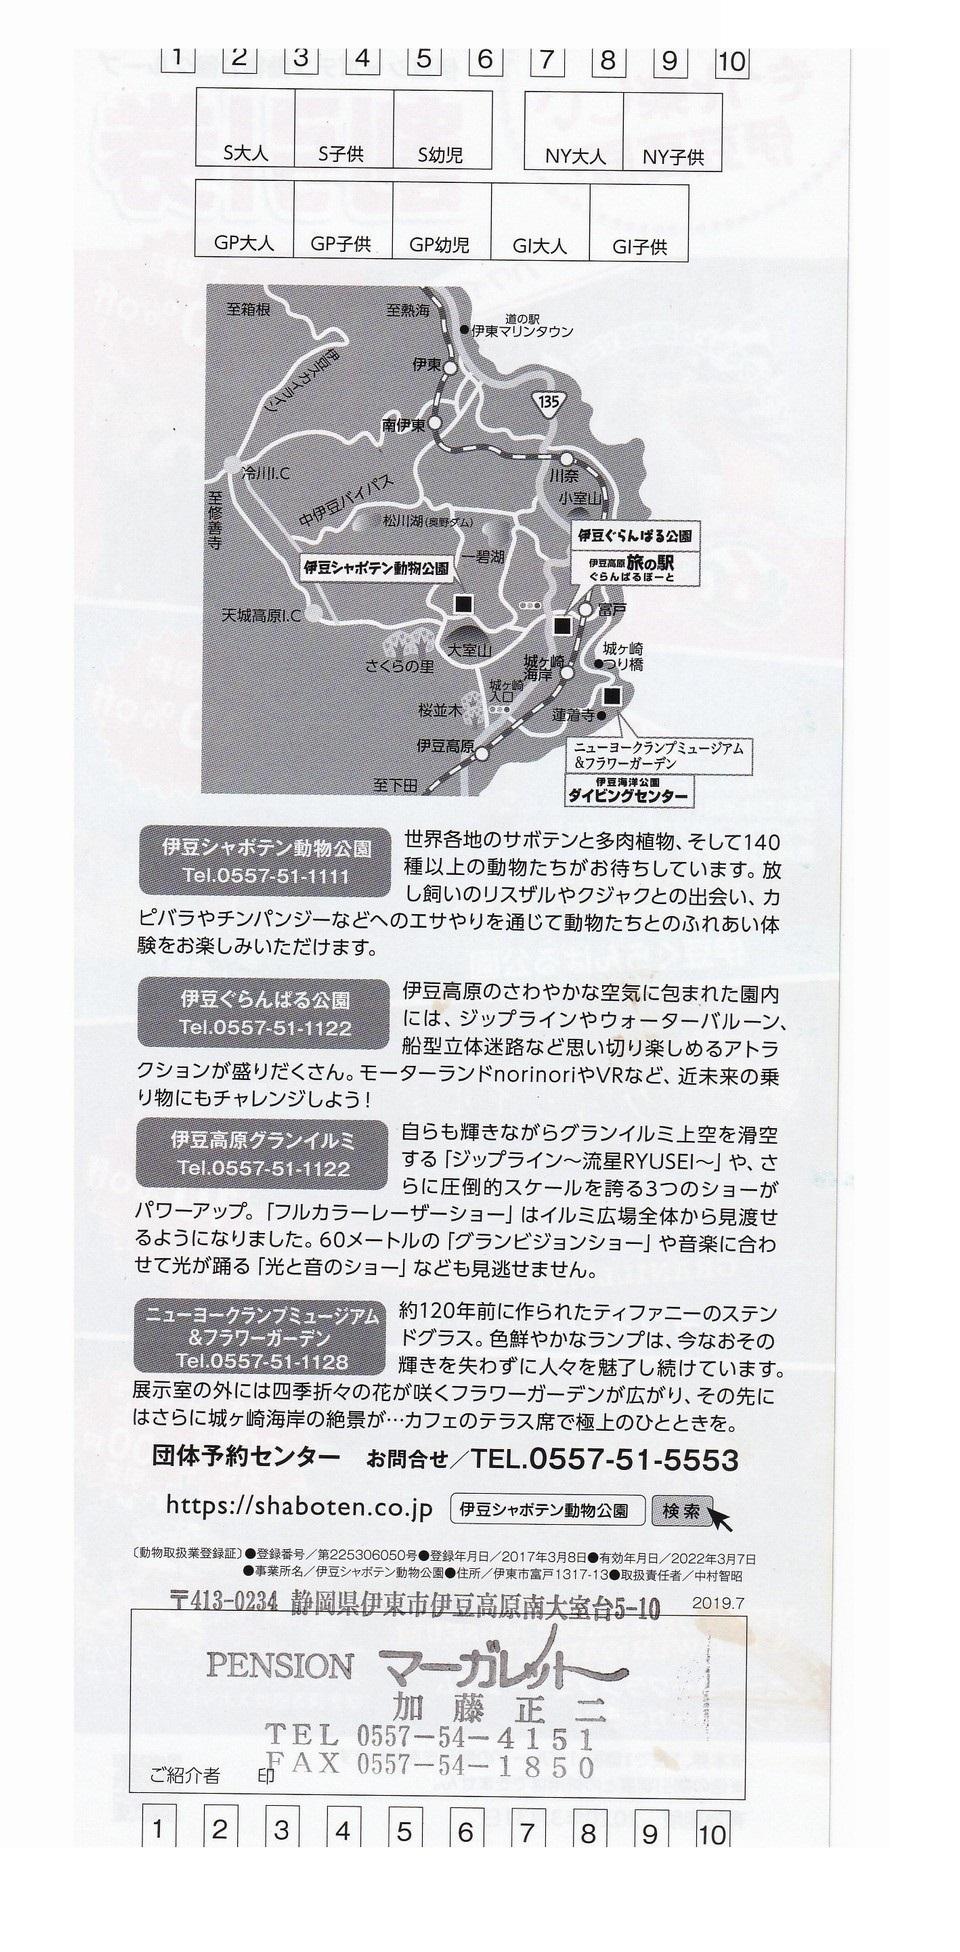 https://www.magaret.jp/mt_img/%E3%82%B7%E3%83%A3%E3%83%9C%E5%89%B2%E5%BC%95%E8%A3%8F.jpg